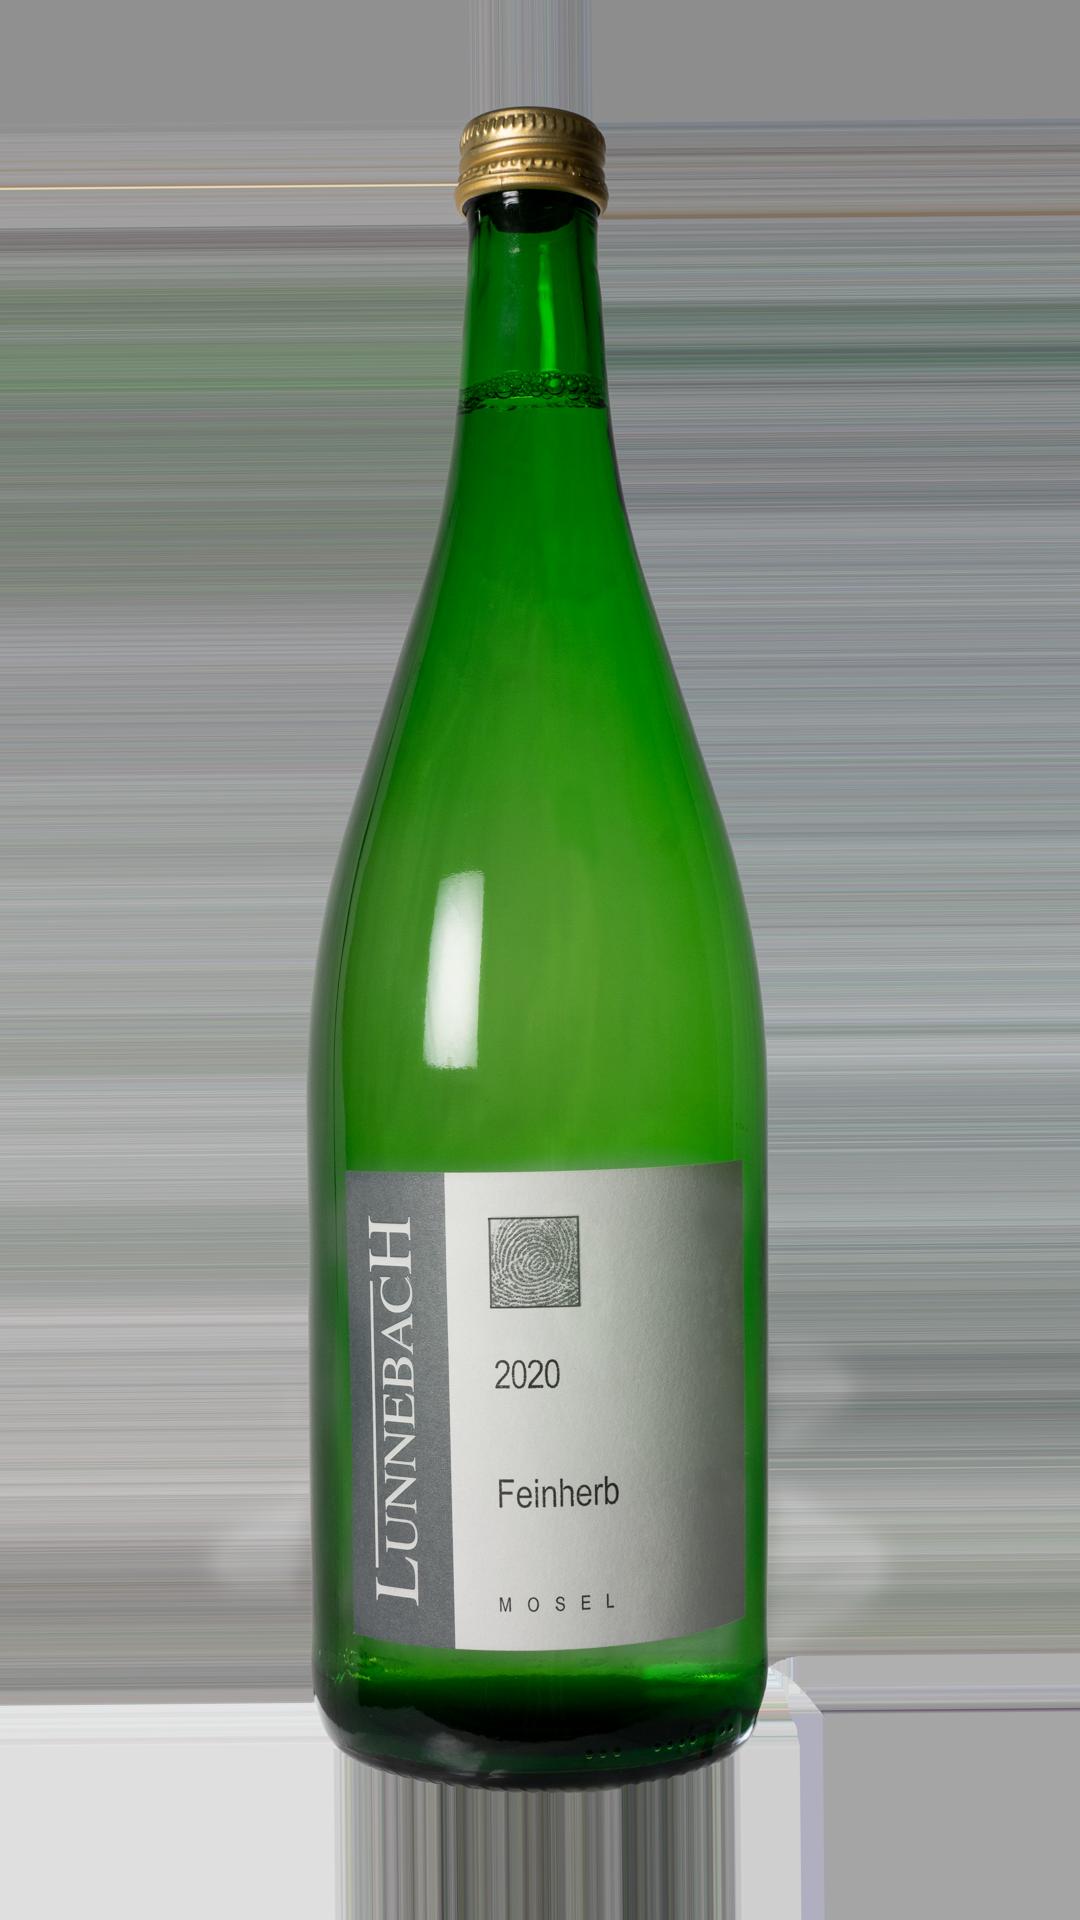 2020 Qualitätswein feinherb